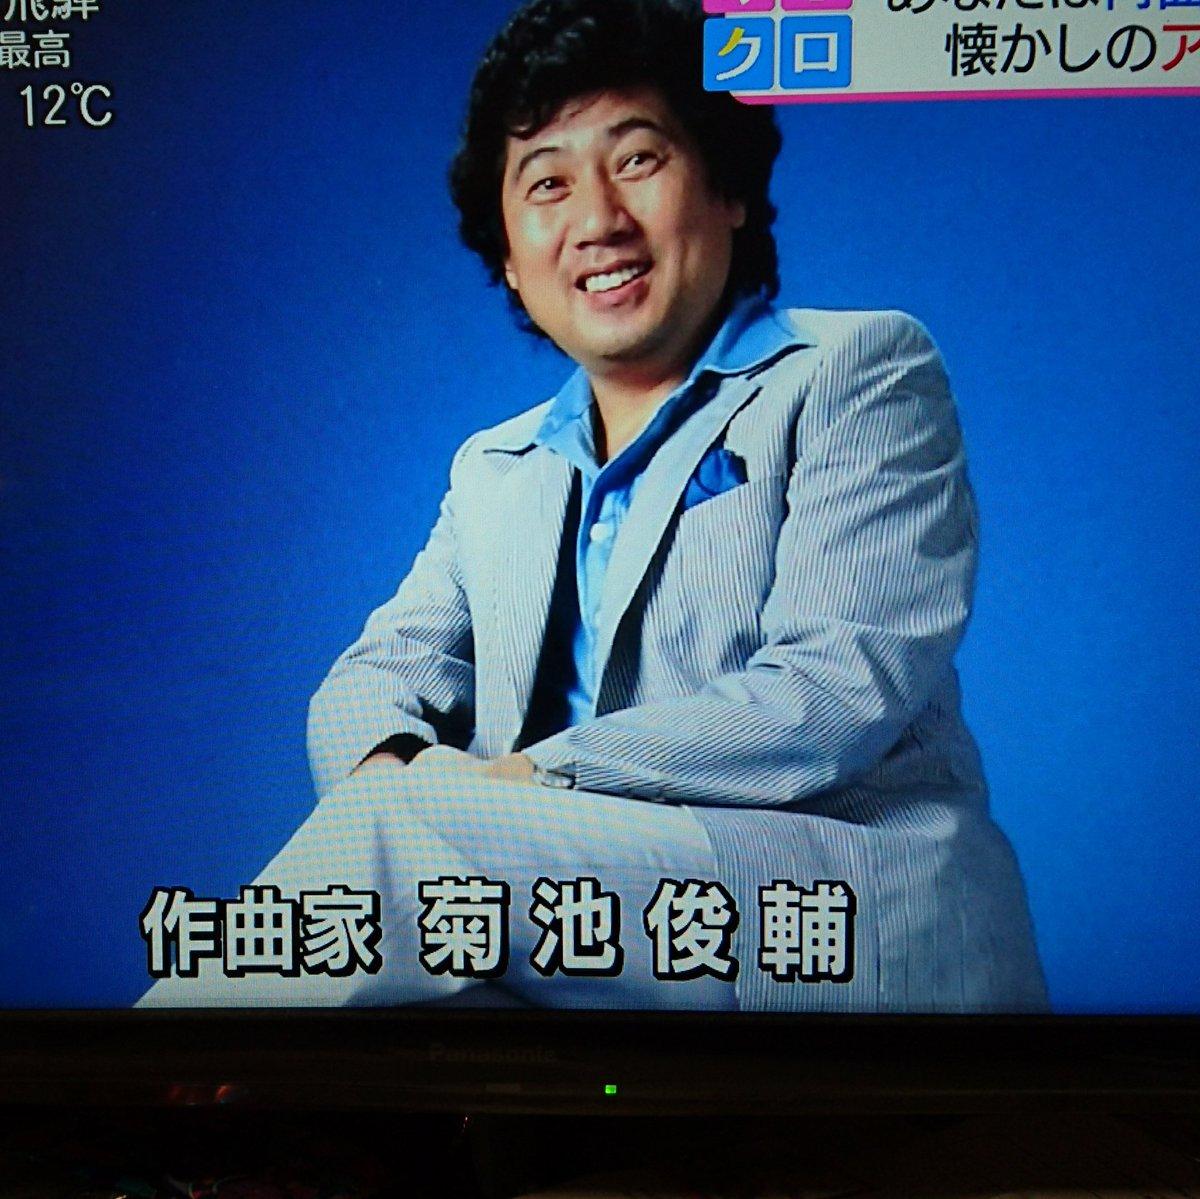 若き日の菊池俊輔さんが、ロバート秋山のクリエイターズファイルの新作にしか見えない。